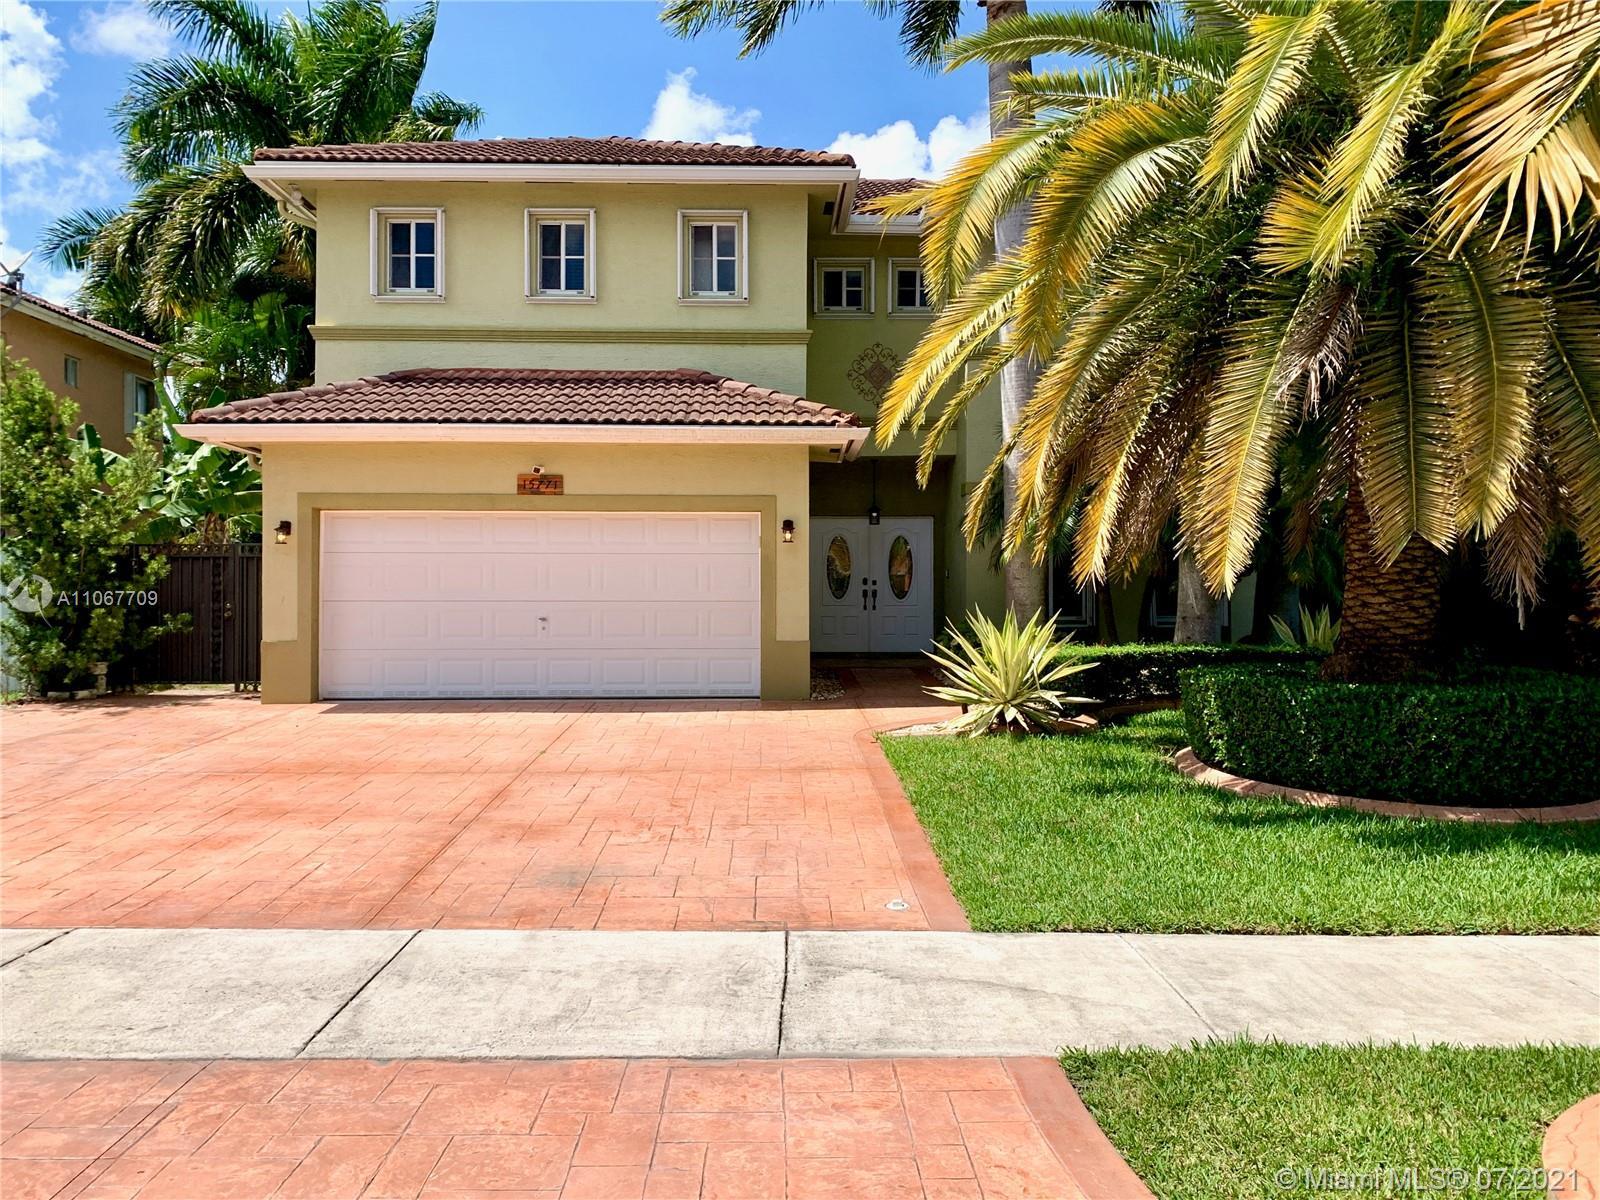 Milton Venture - 15771 SW 147th St, Miami, FL 33196